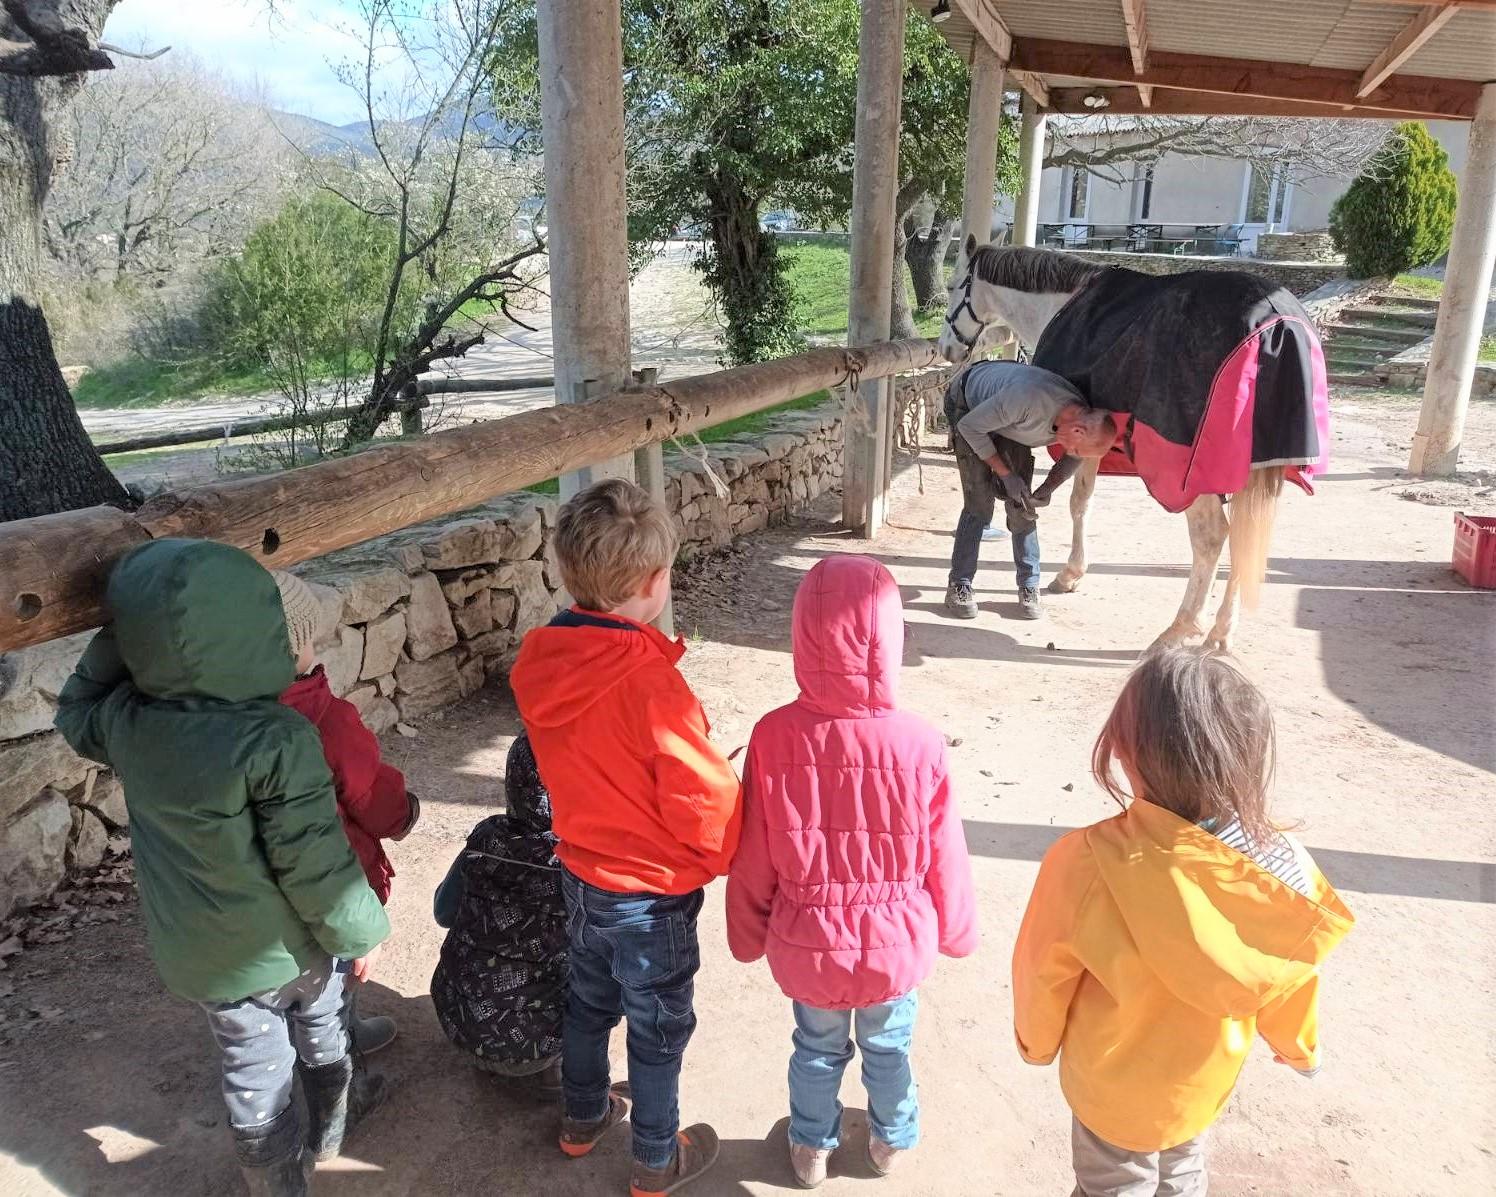 Maréchal ferrant en action devant les enfants